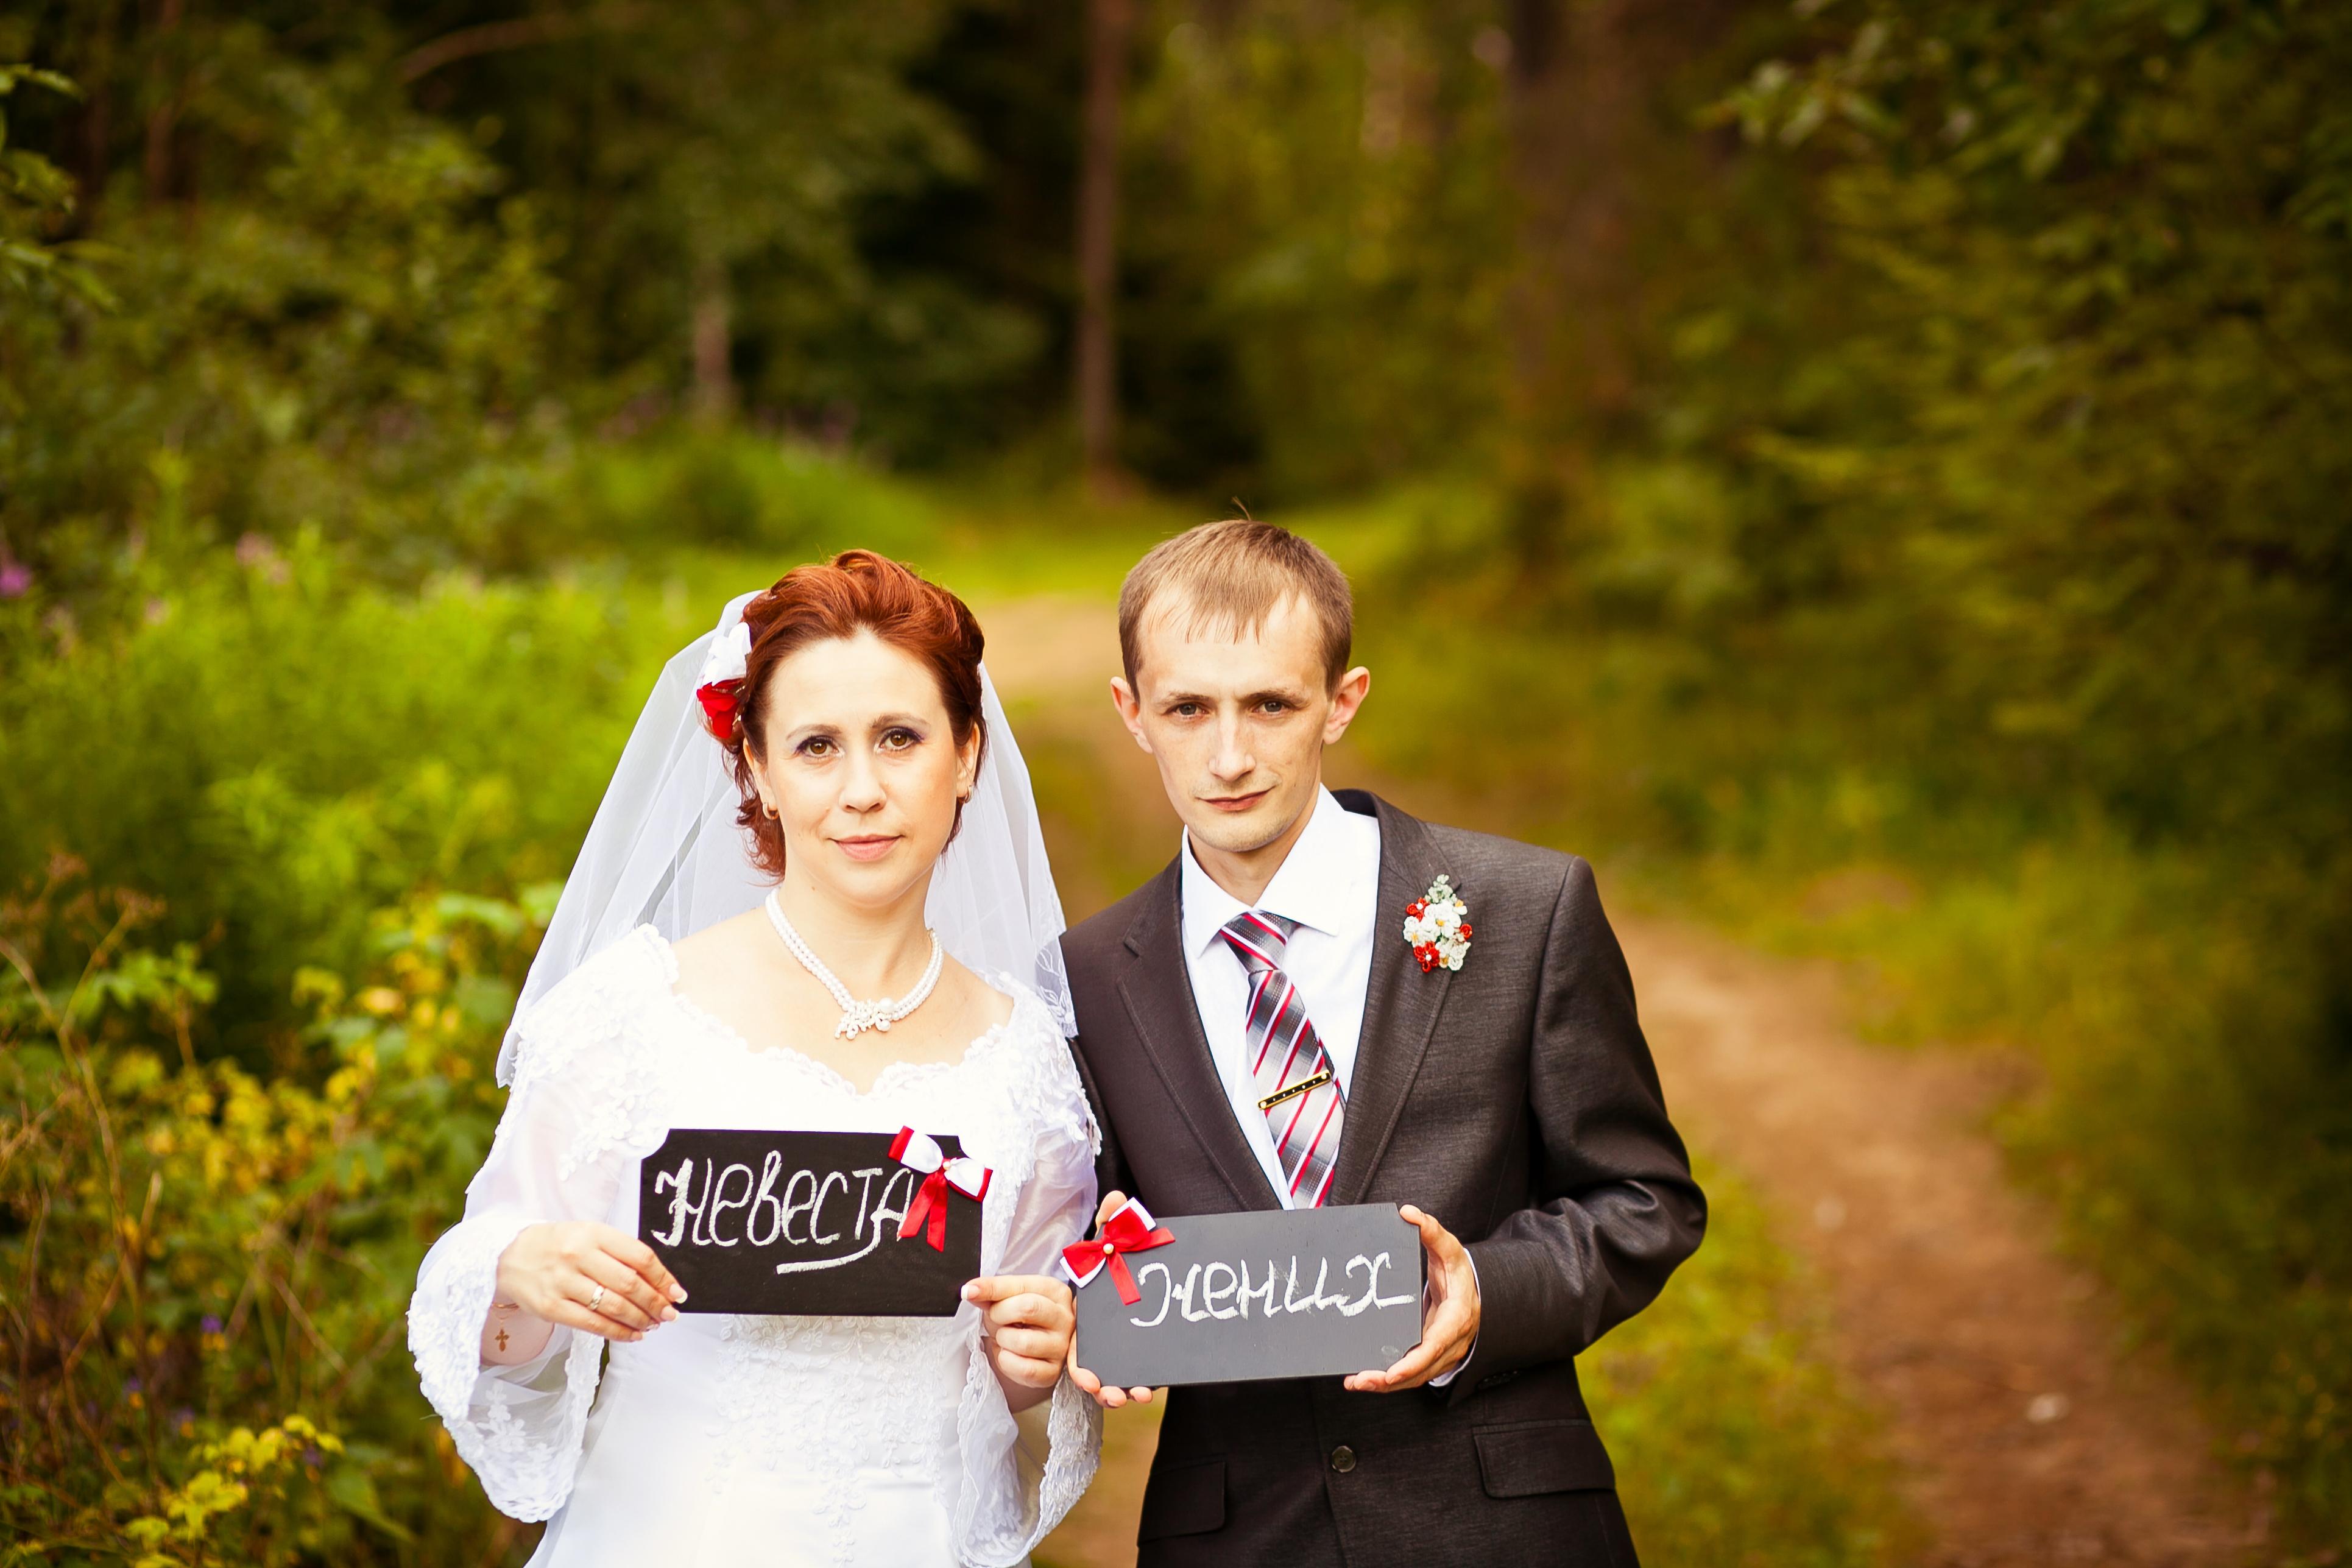 Фото с меловыми досками на свадьбе